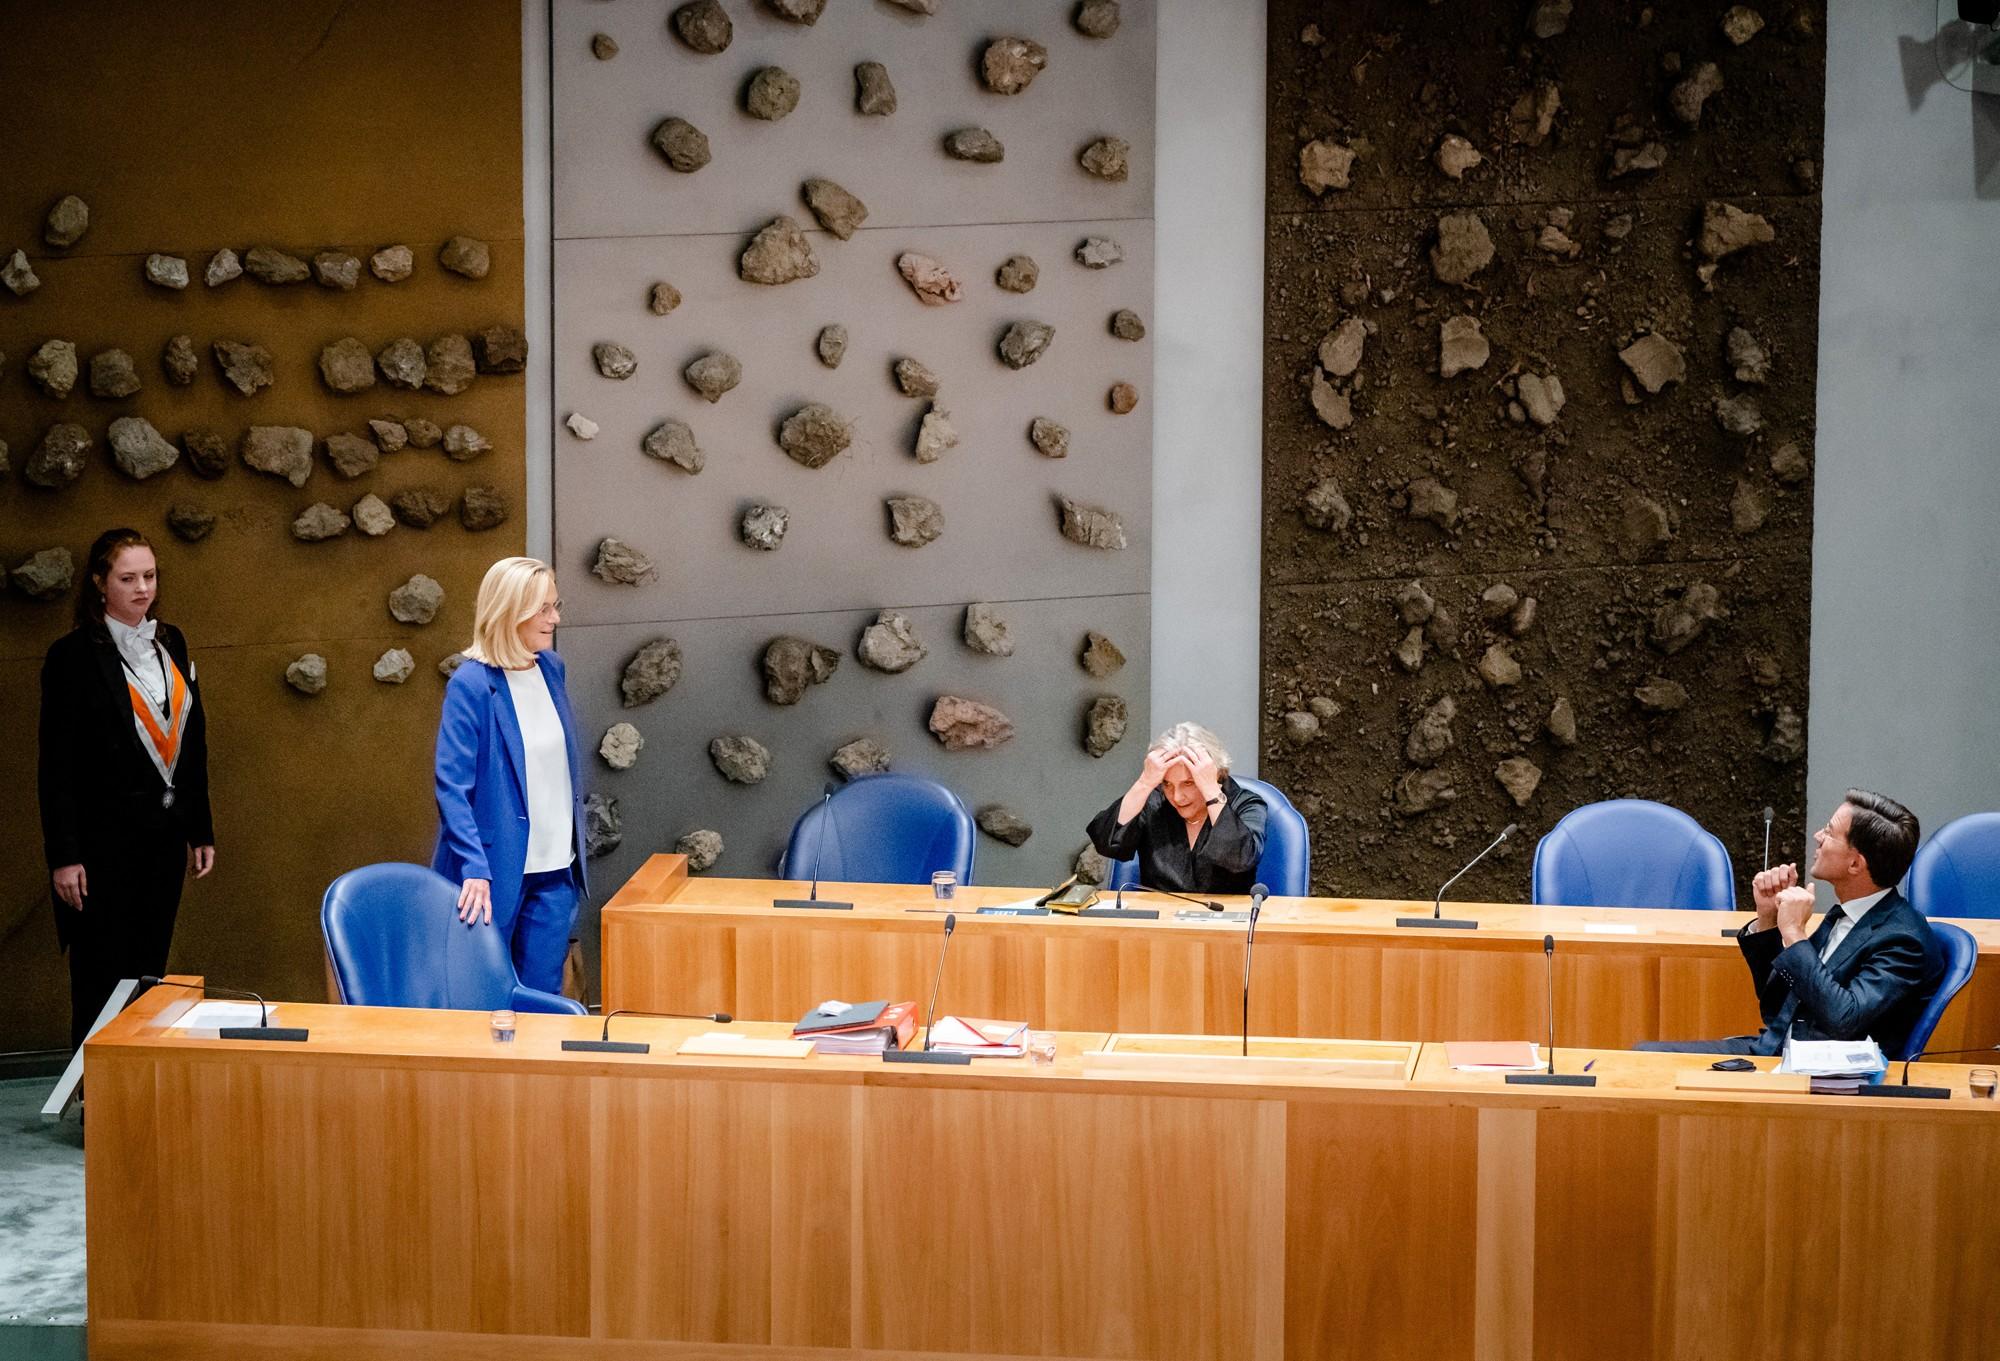 Minister Kaag in 2e kamer